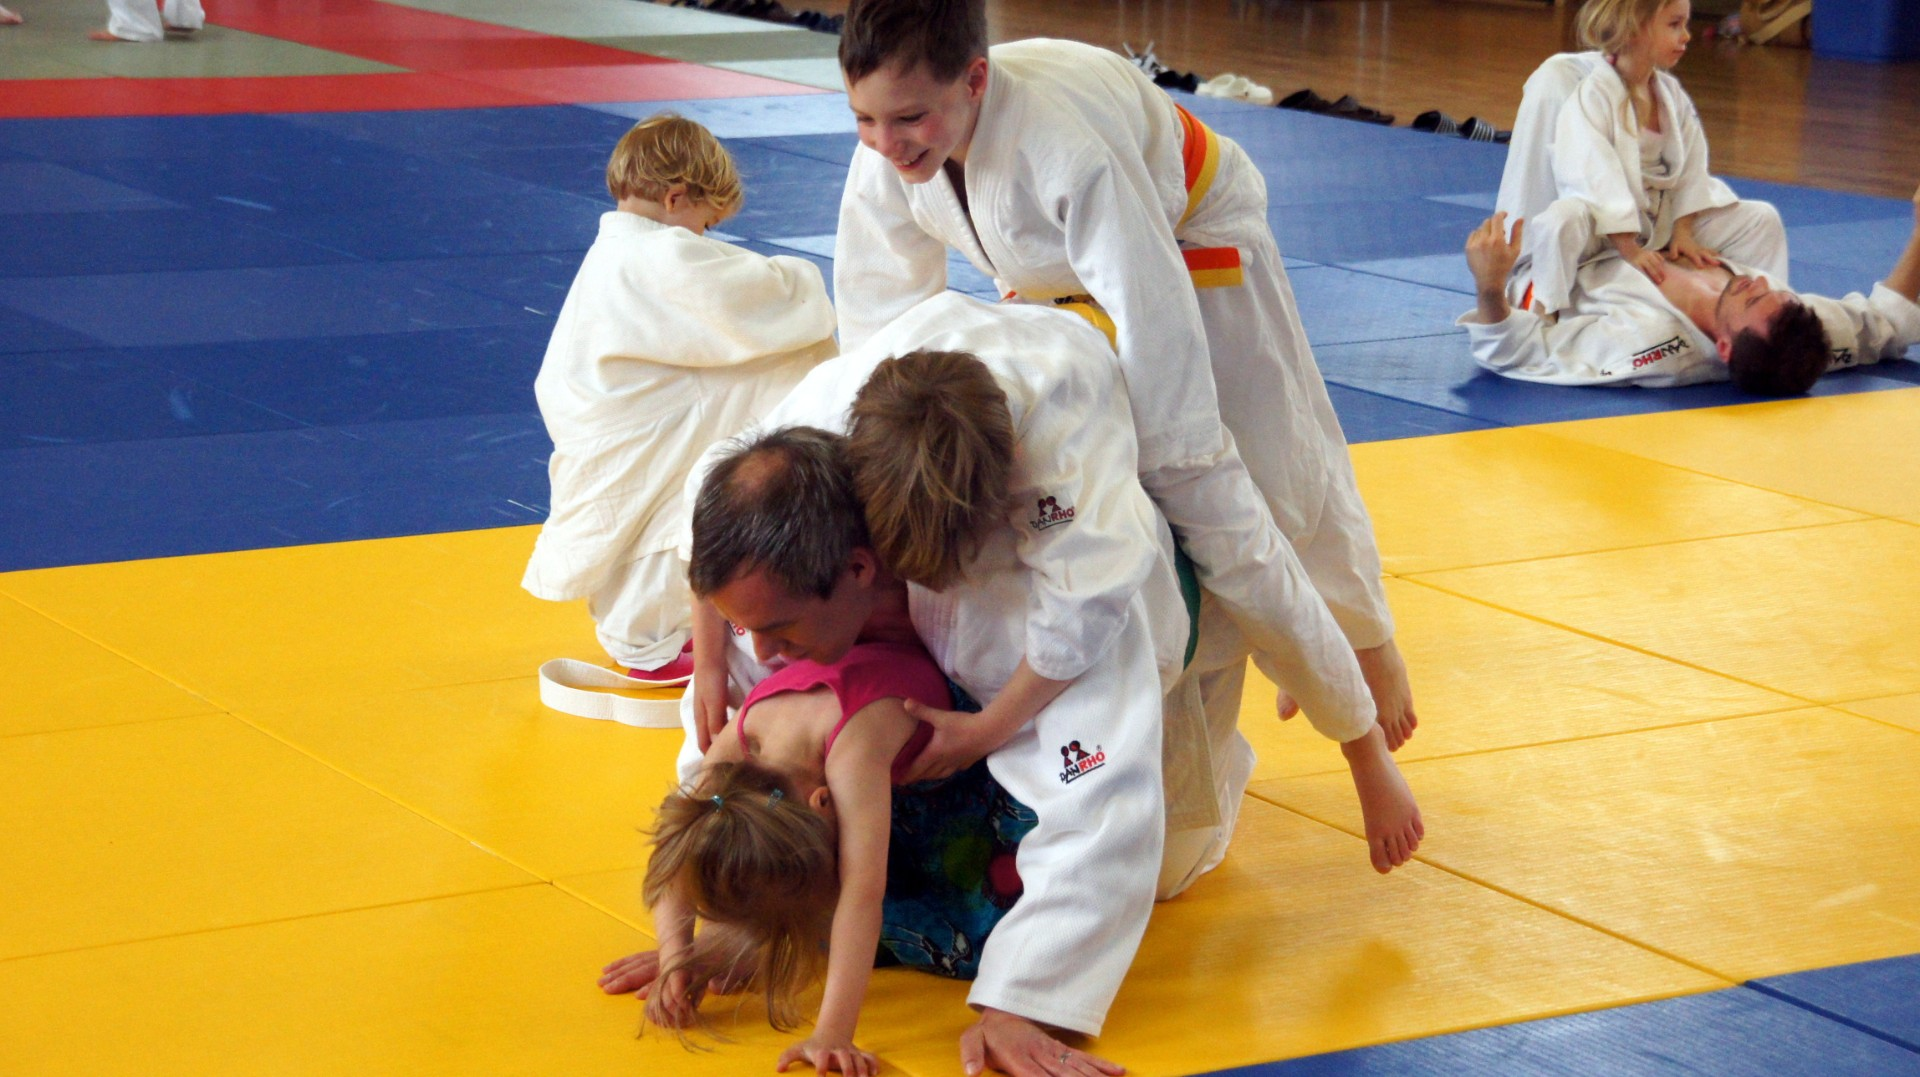 Judo_Familientag_2014_05.04.2014_11-14-07